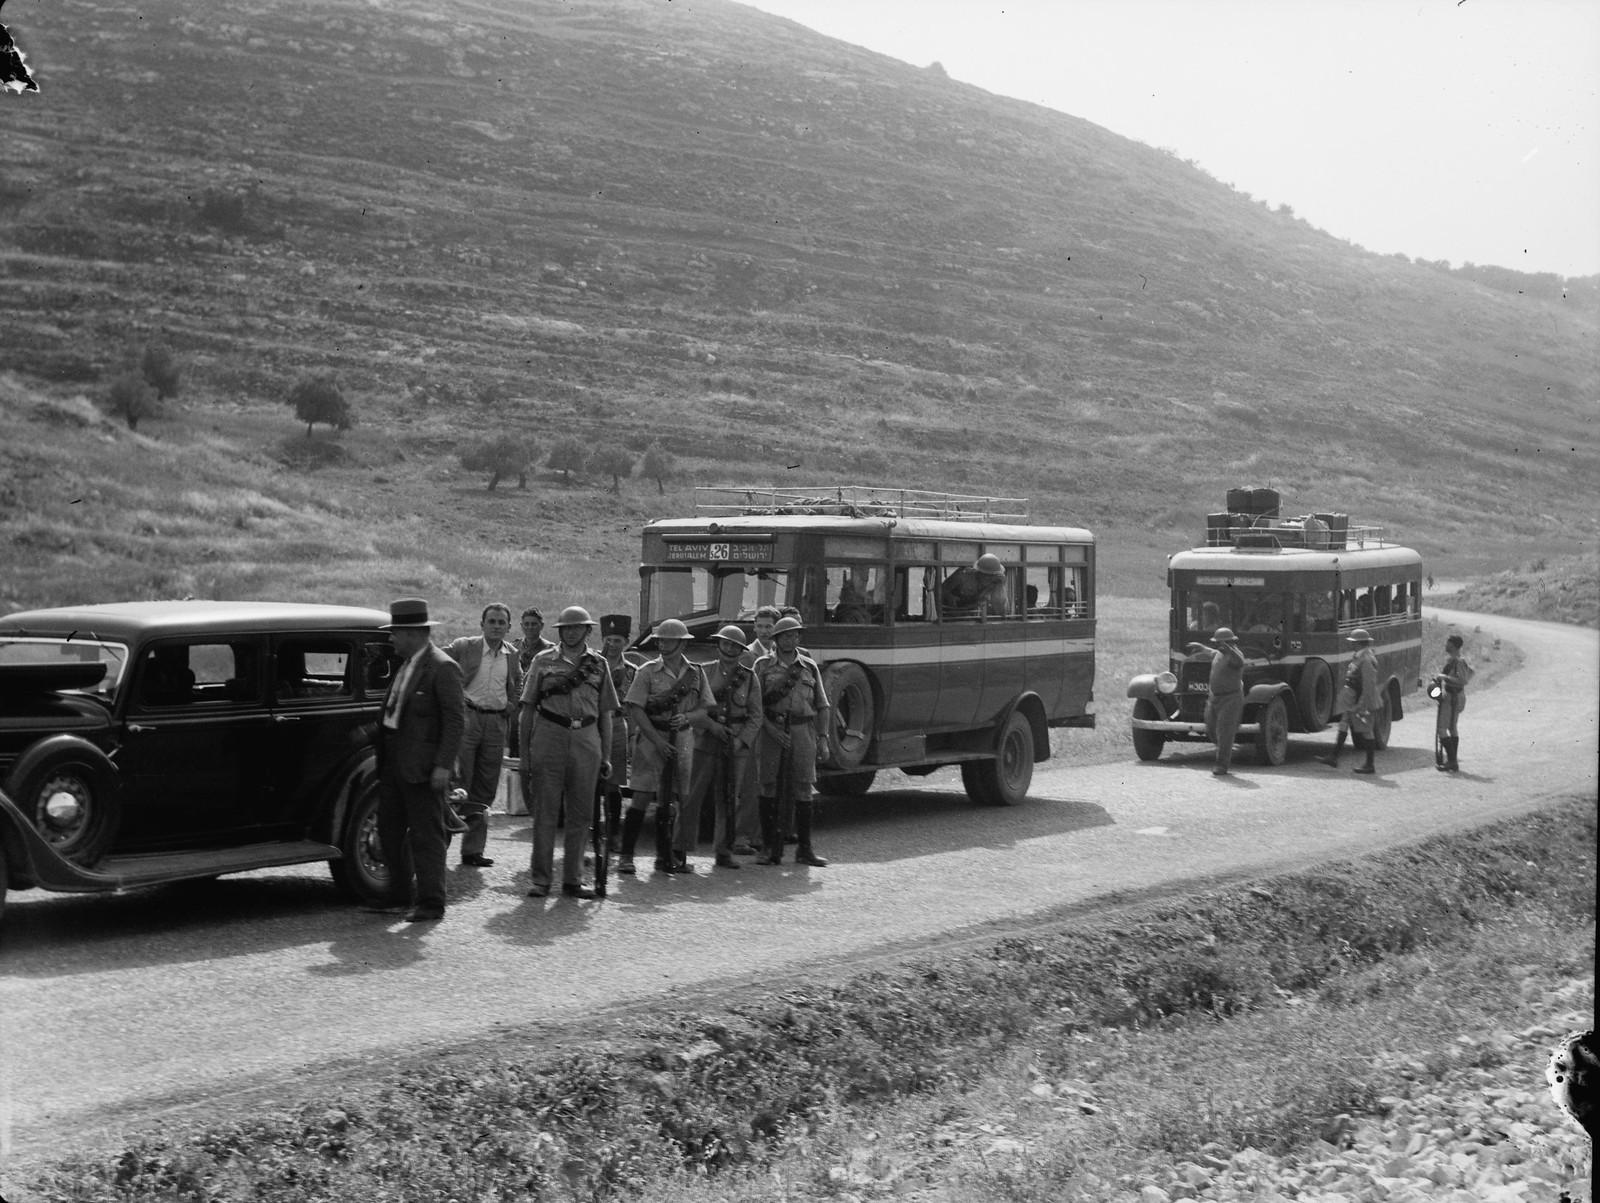 Еврейский конвой на дороге Яффо-Иерусалим в сопровождении полиции